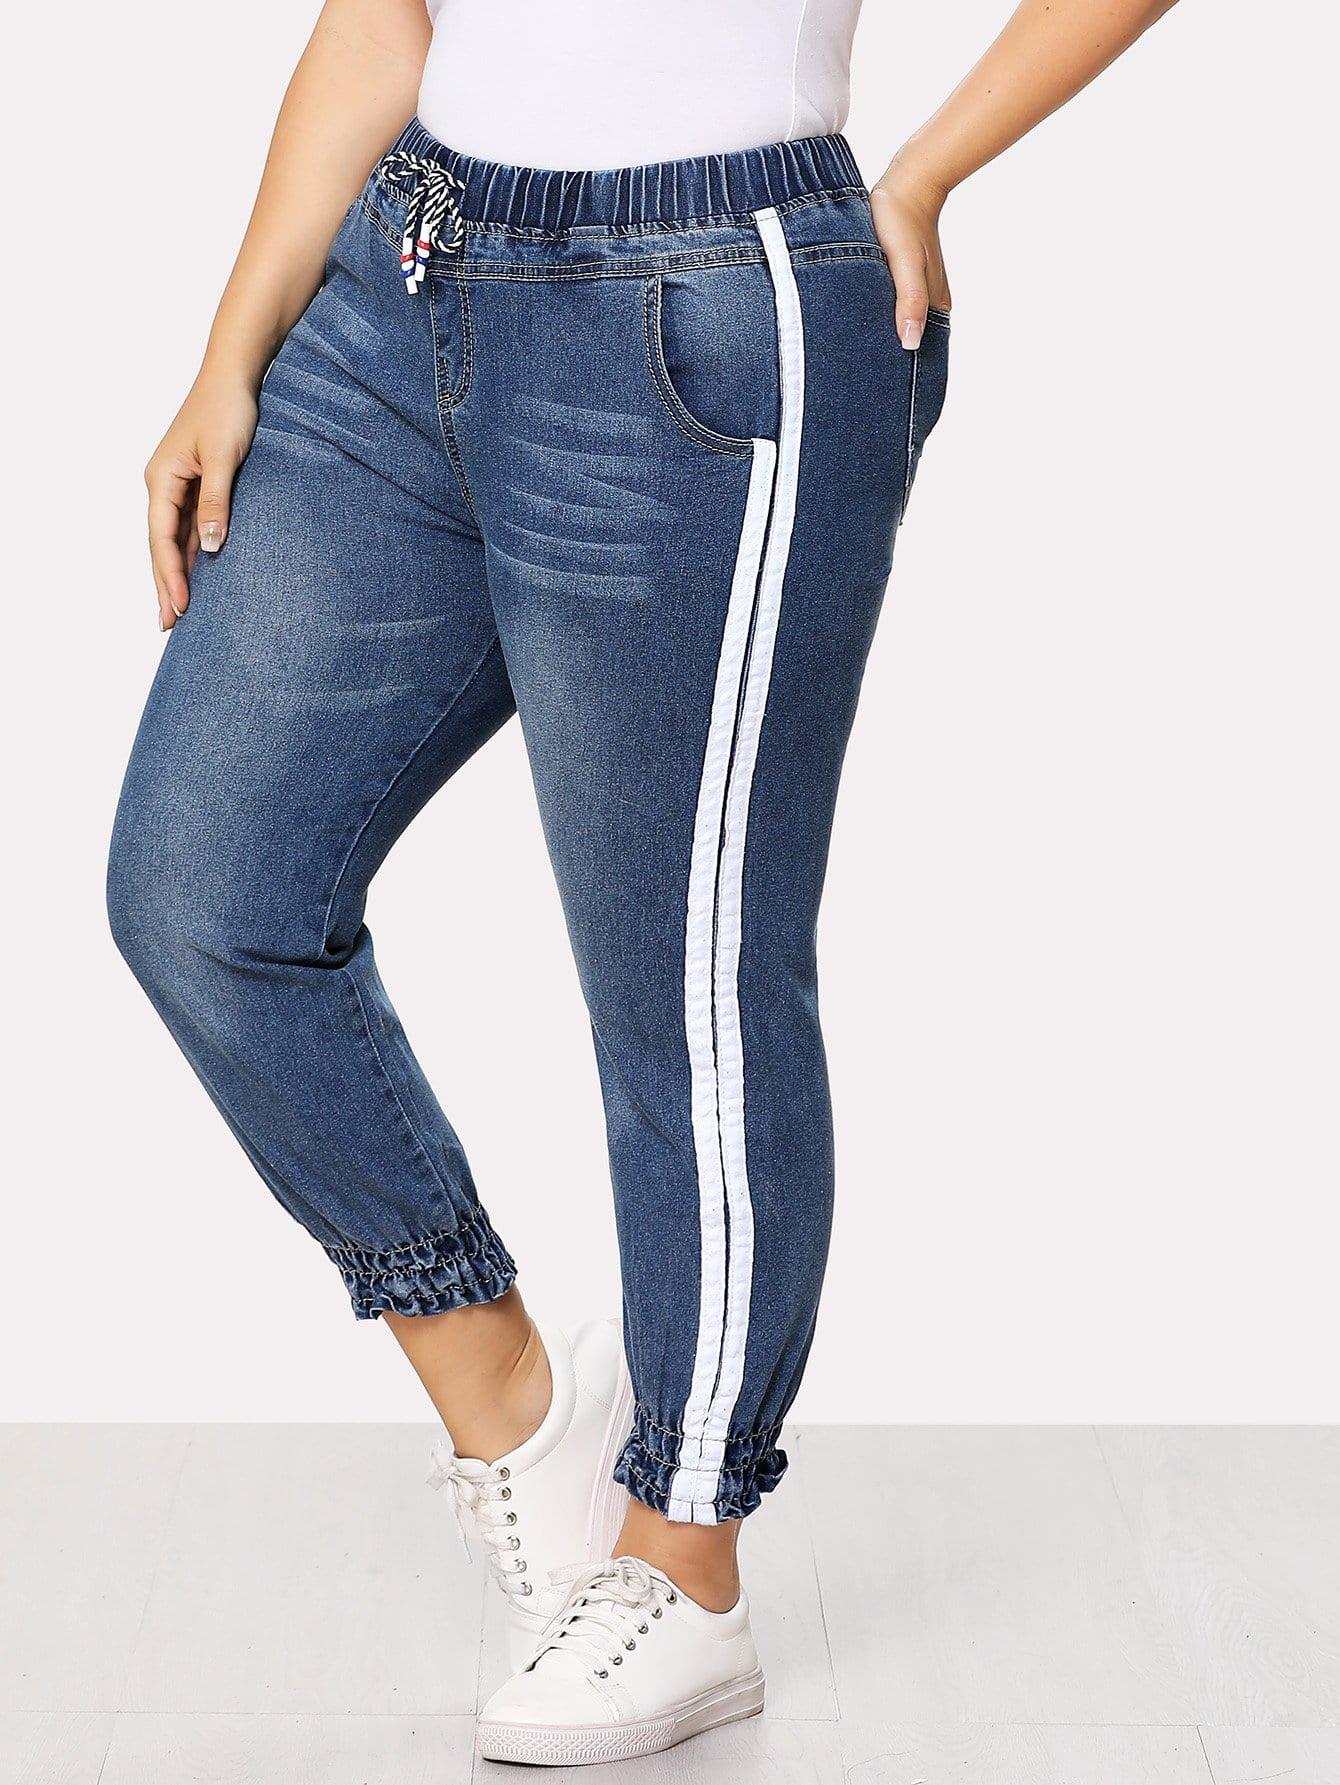 Jeans mit Streifen auf den Seiten und Kordelzug um die Taille